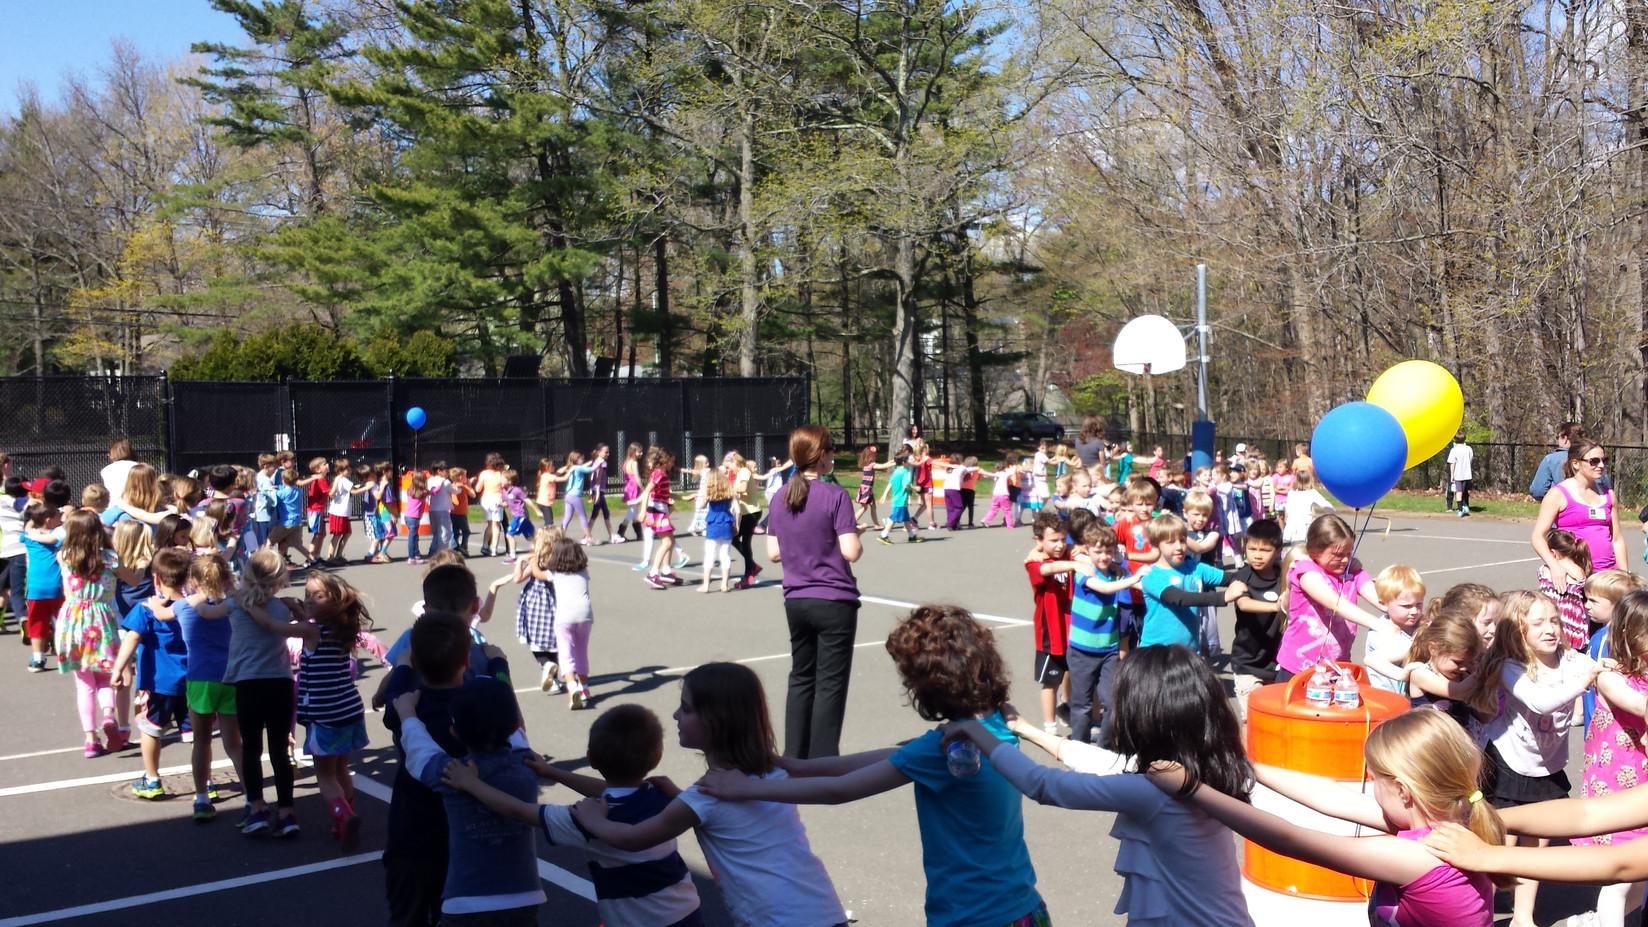 Circle-Game-Activity-At-School.jpg